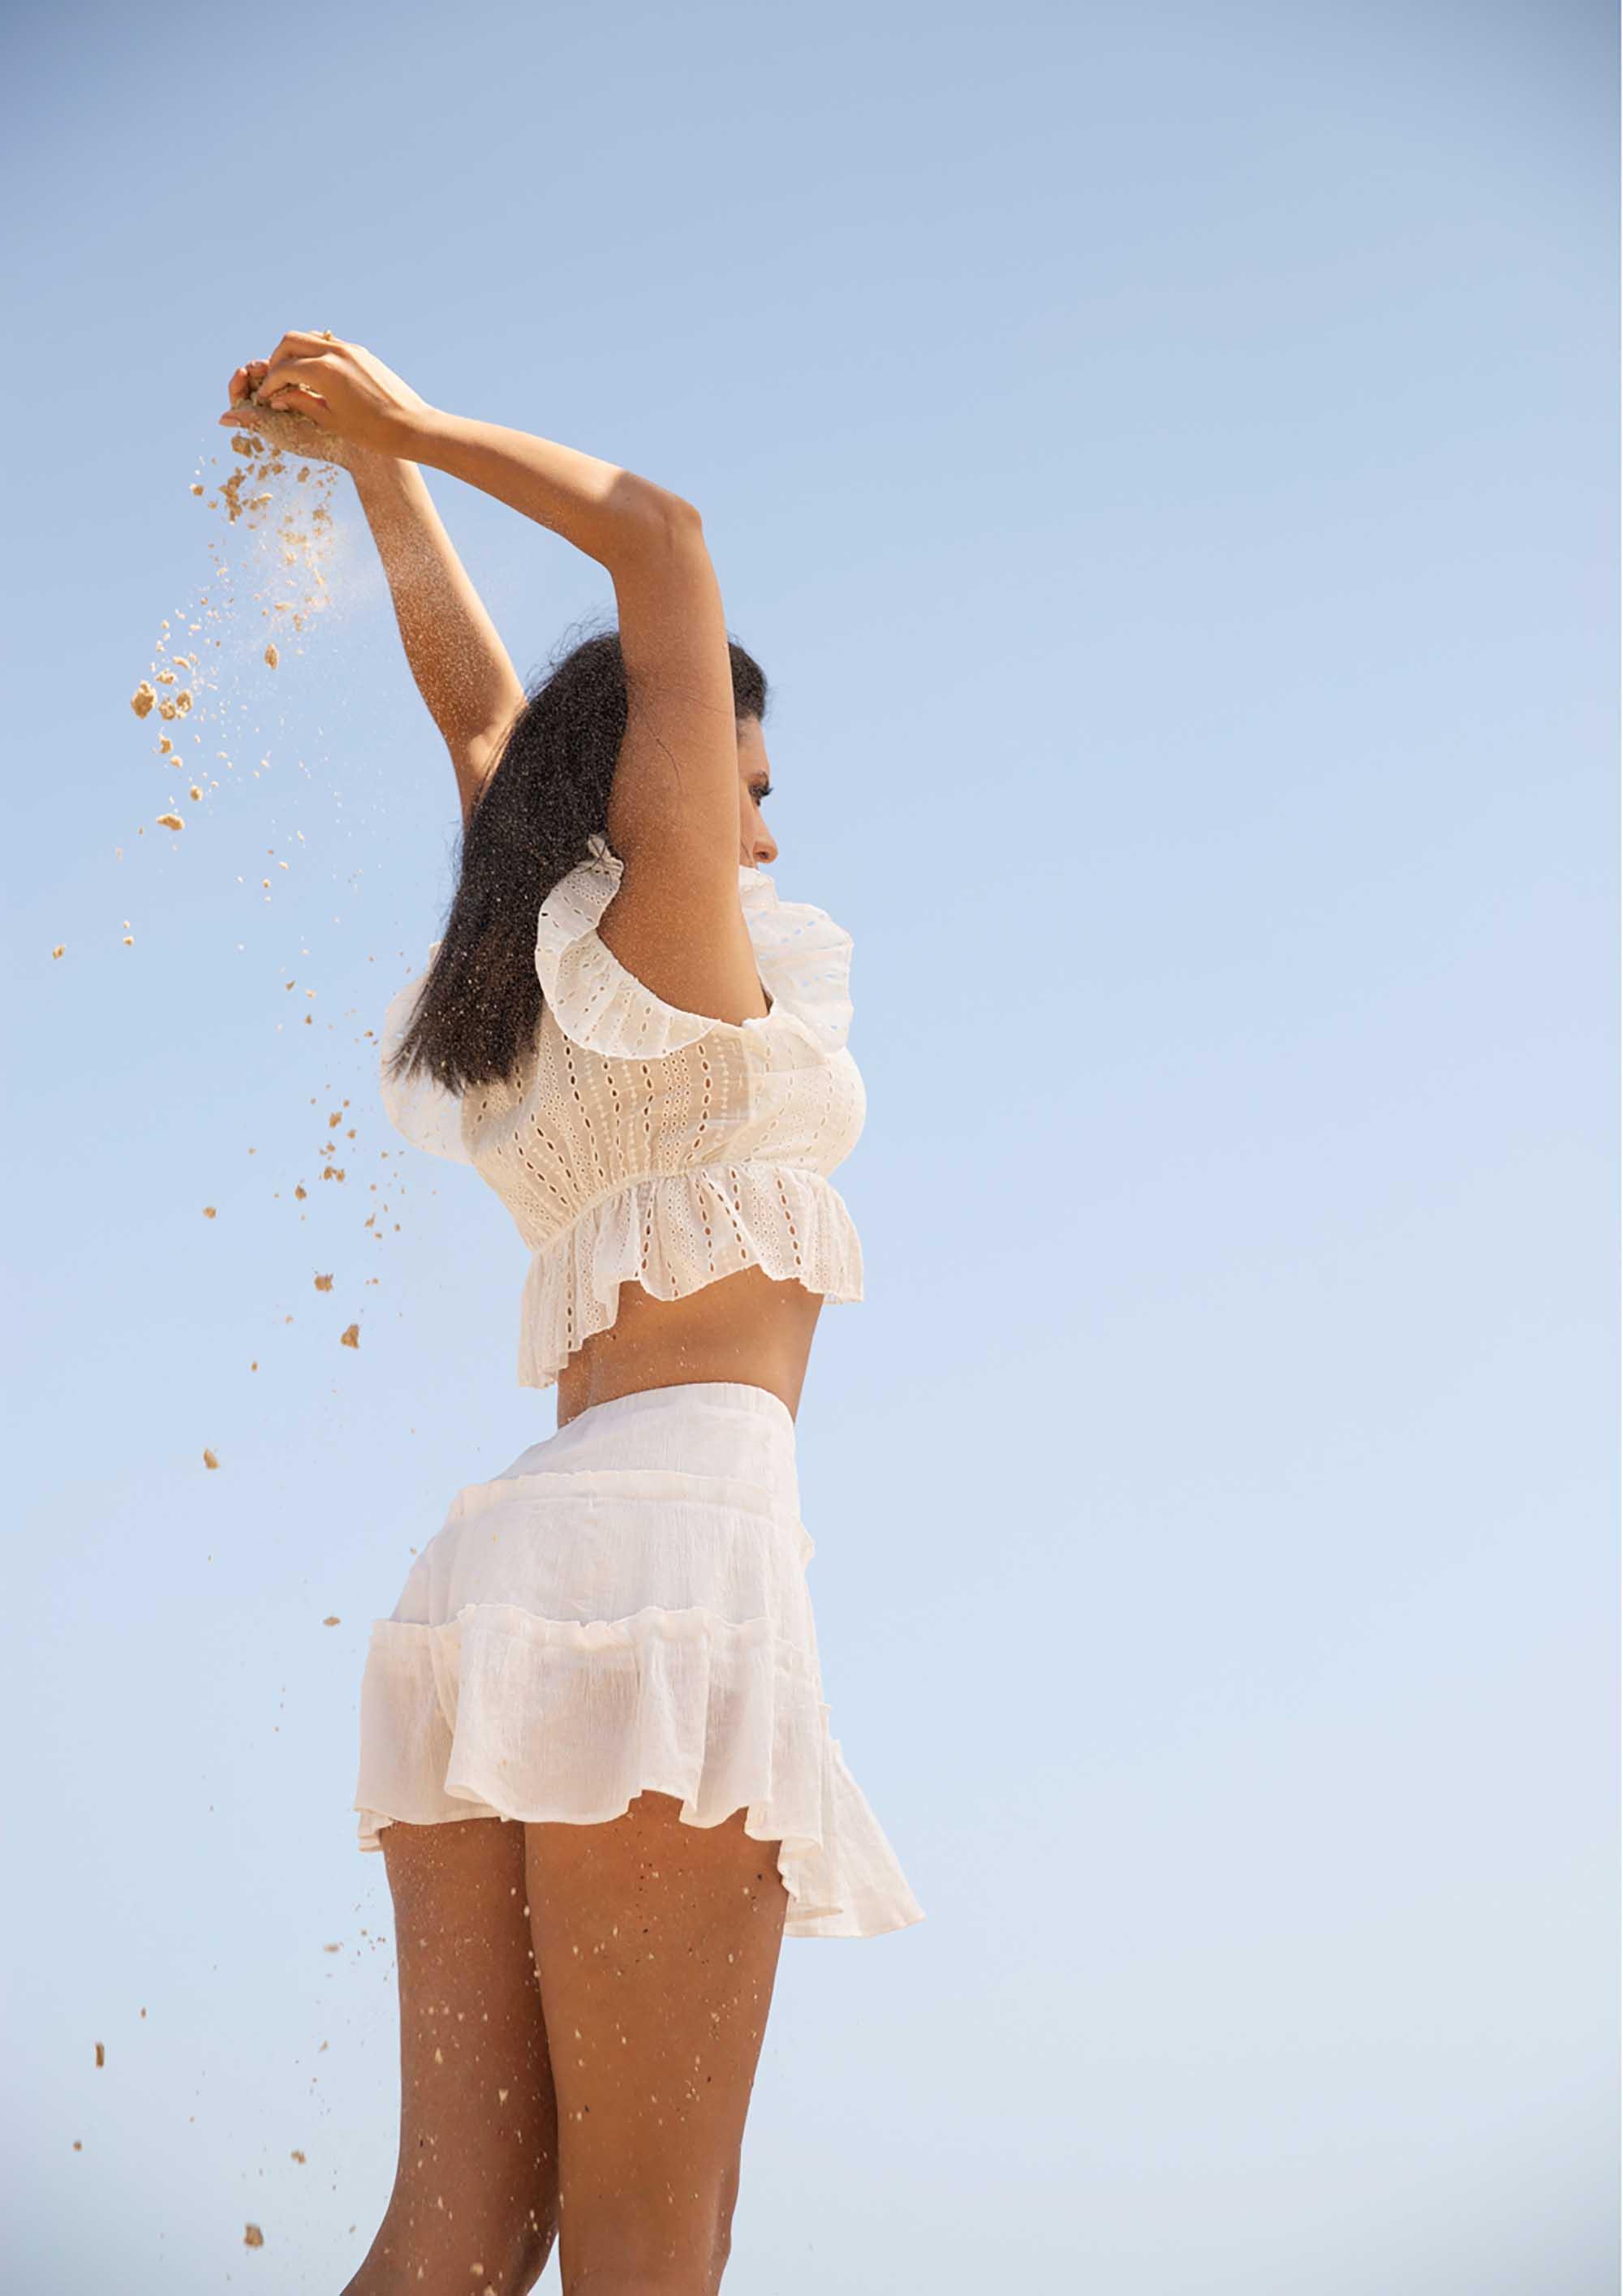 אופנה, Fashion Academy: צילום: היבה מחאמיד, סטייליסטית ודוגמנית: הדס טייכטל, איפור: דיאנה סלימאן, אסיסטנט: פאיז מחאמיד -5